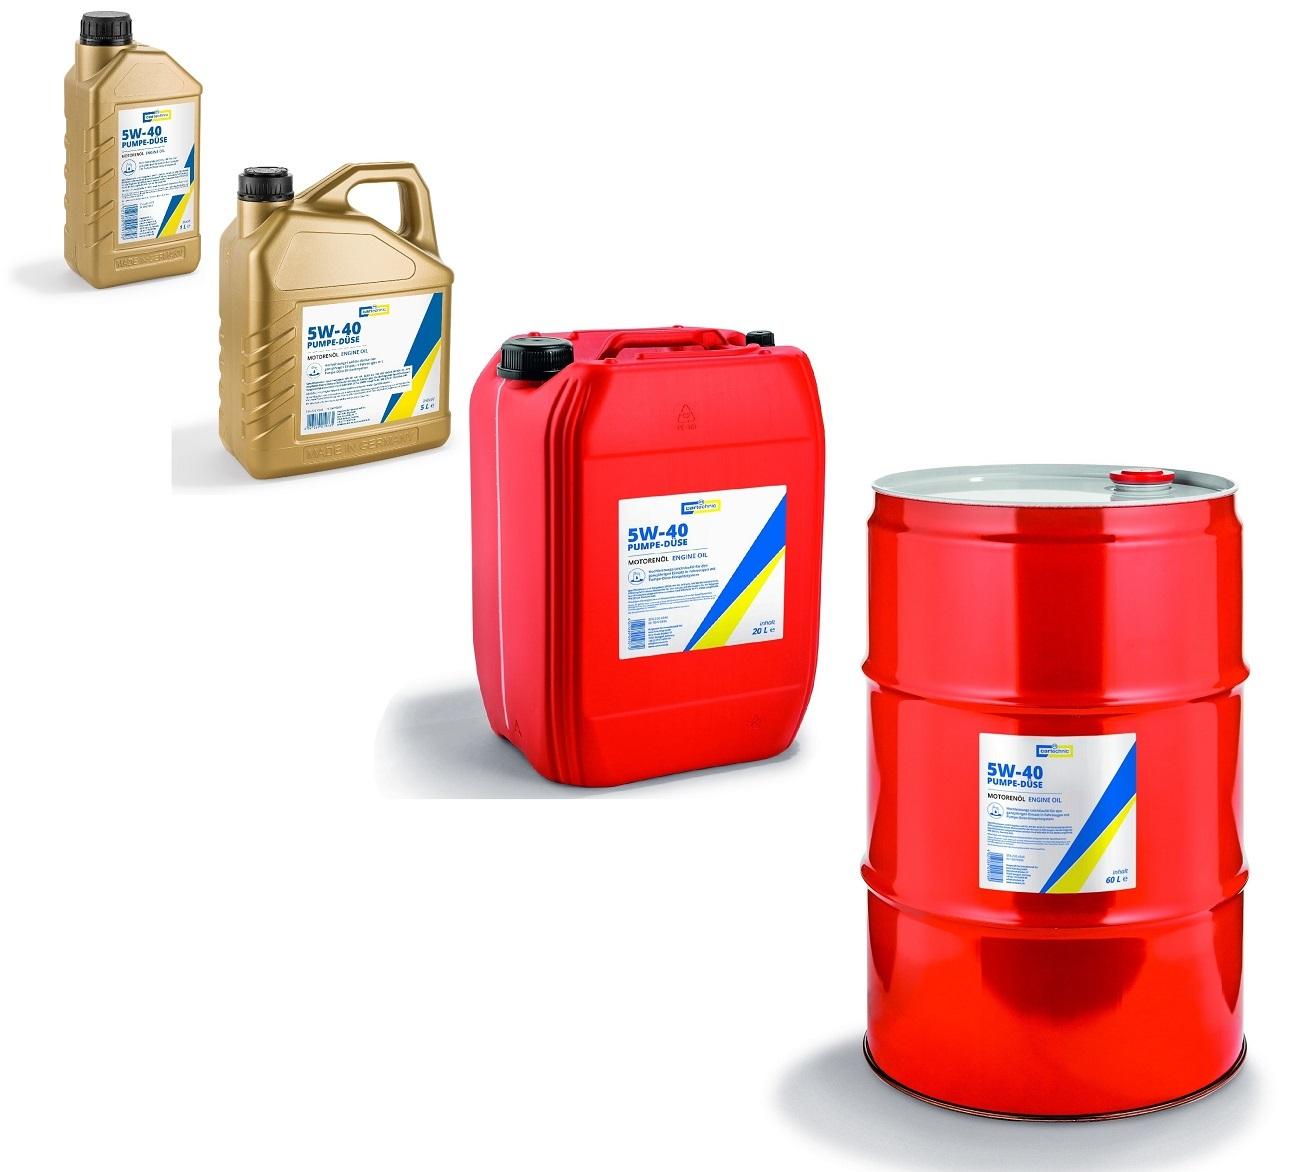 Motorový olej 5W-40 Pumpe-Düse, různé objemy - Cartechnic